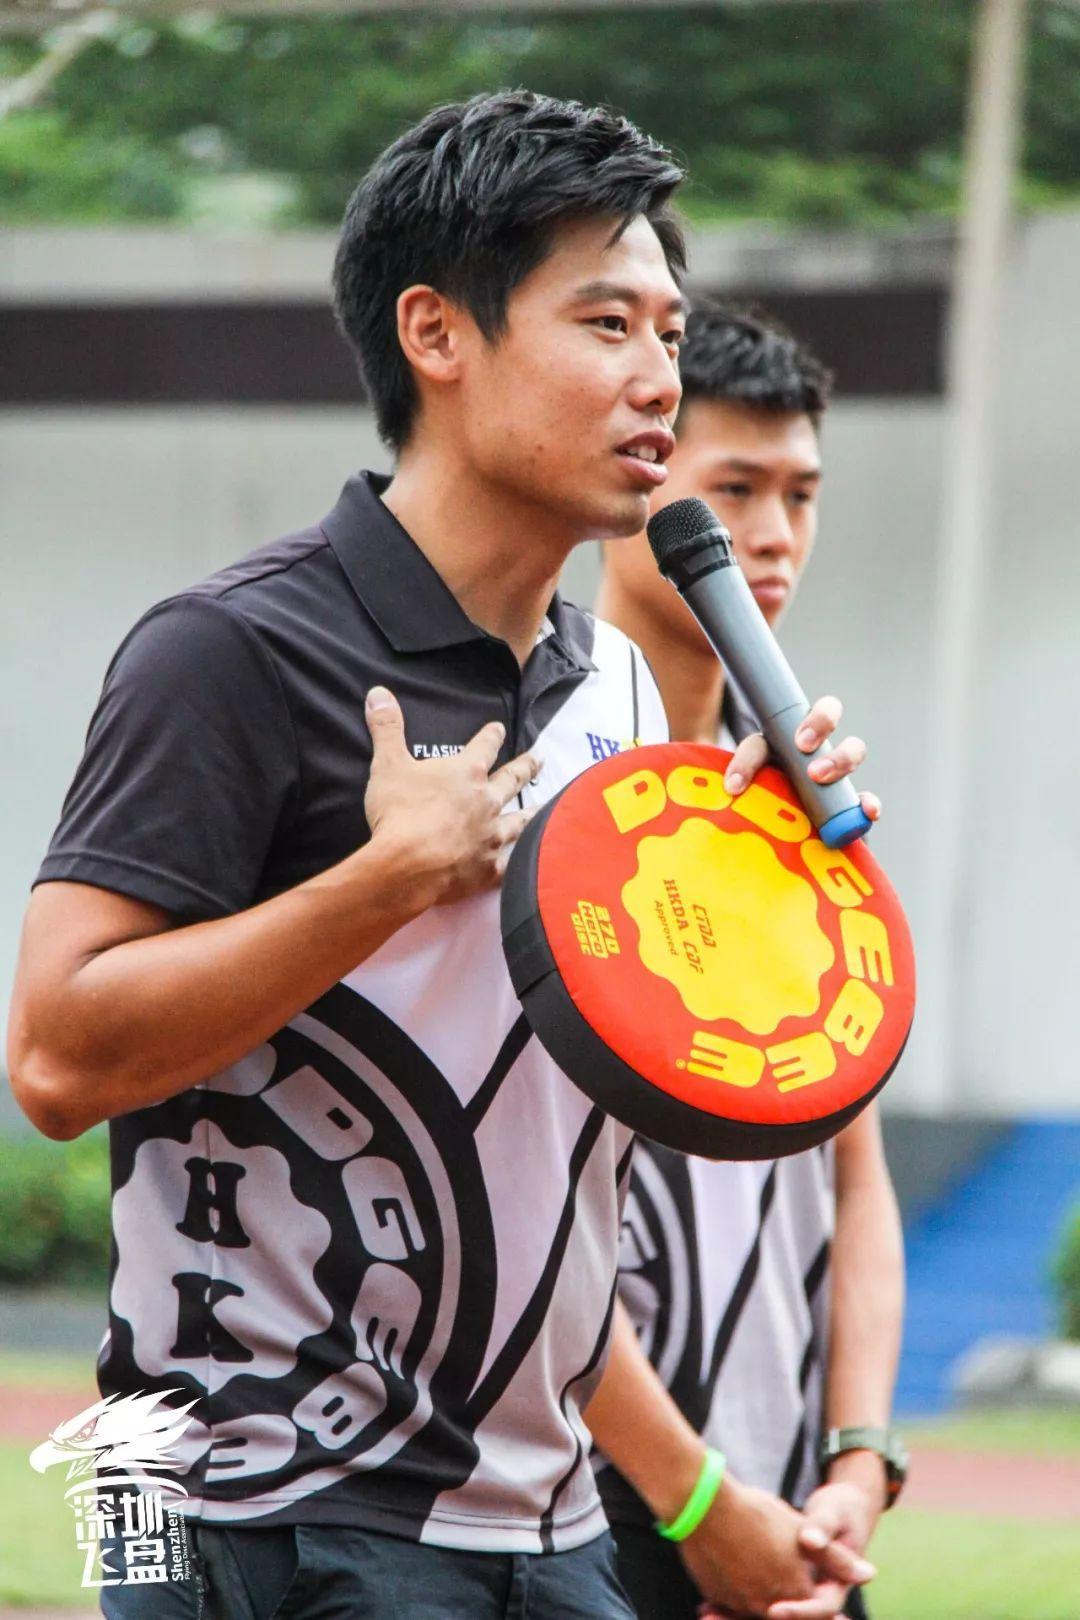 《南头小学躲避盘运动展示课活动总结》